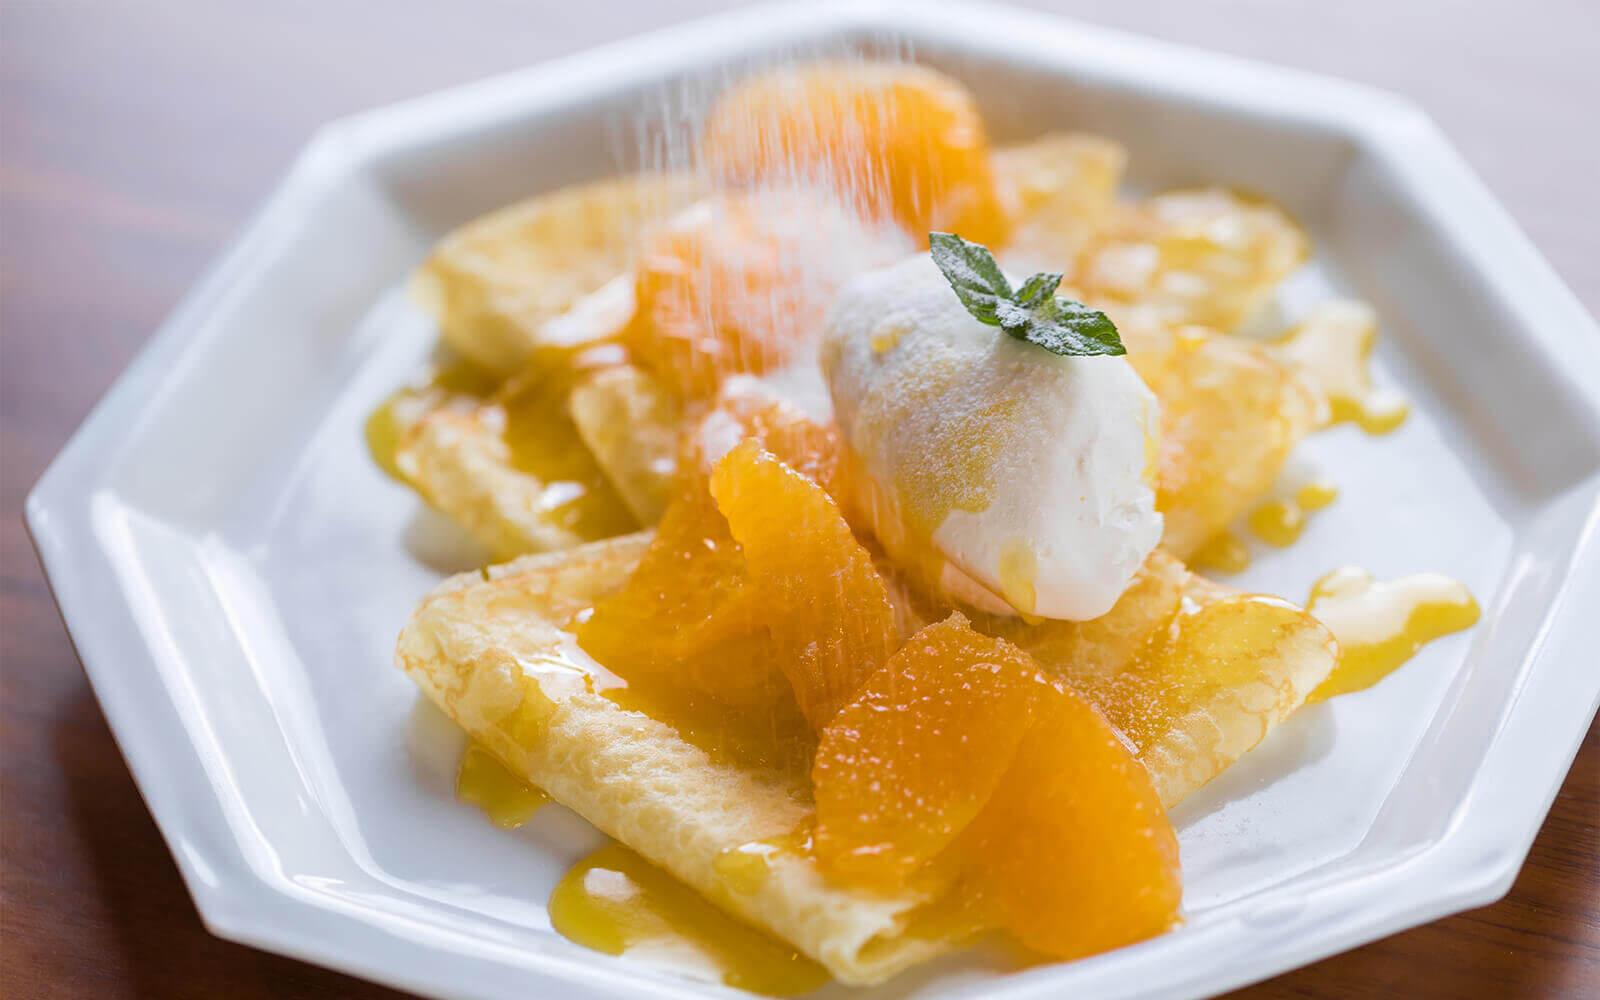 【気軽にアレンジレシピ】 大将季のソースを使ったクレープシュゼット イメージ3